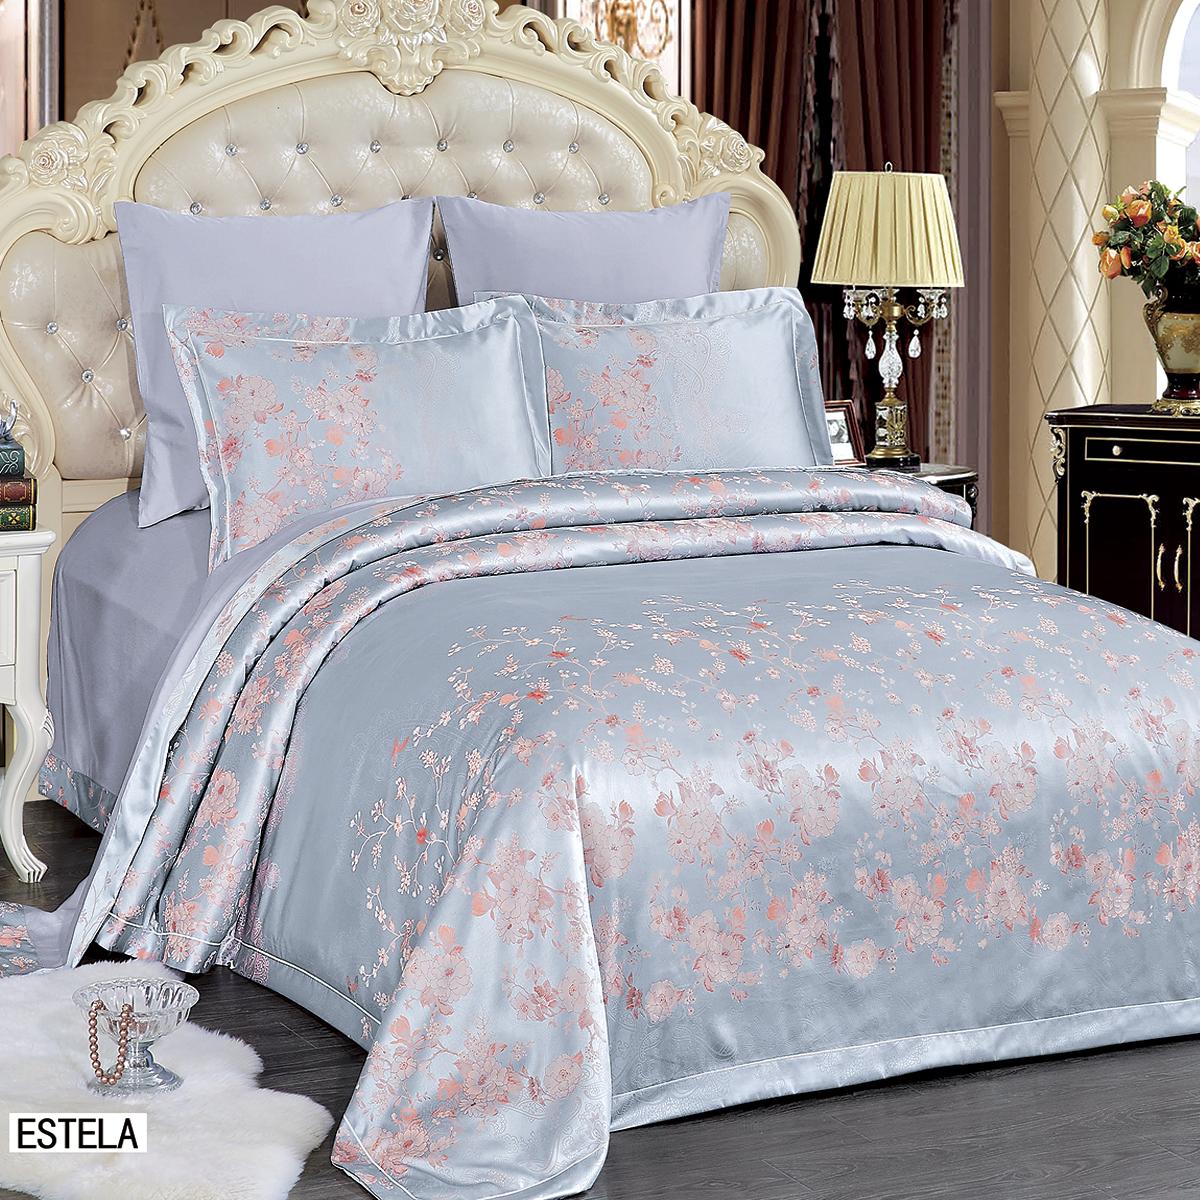 Купить Комплекты постельного белья Arya, Постельное белье Estela (2 сп. евро), Турция, Хлопковый сатин